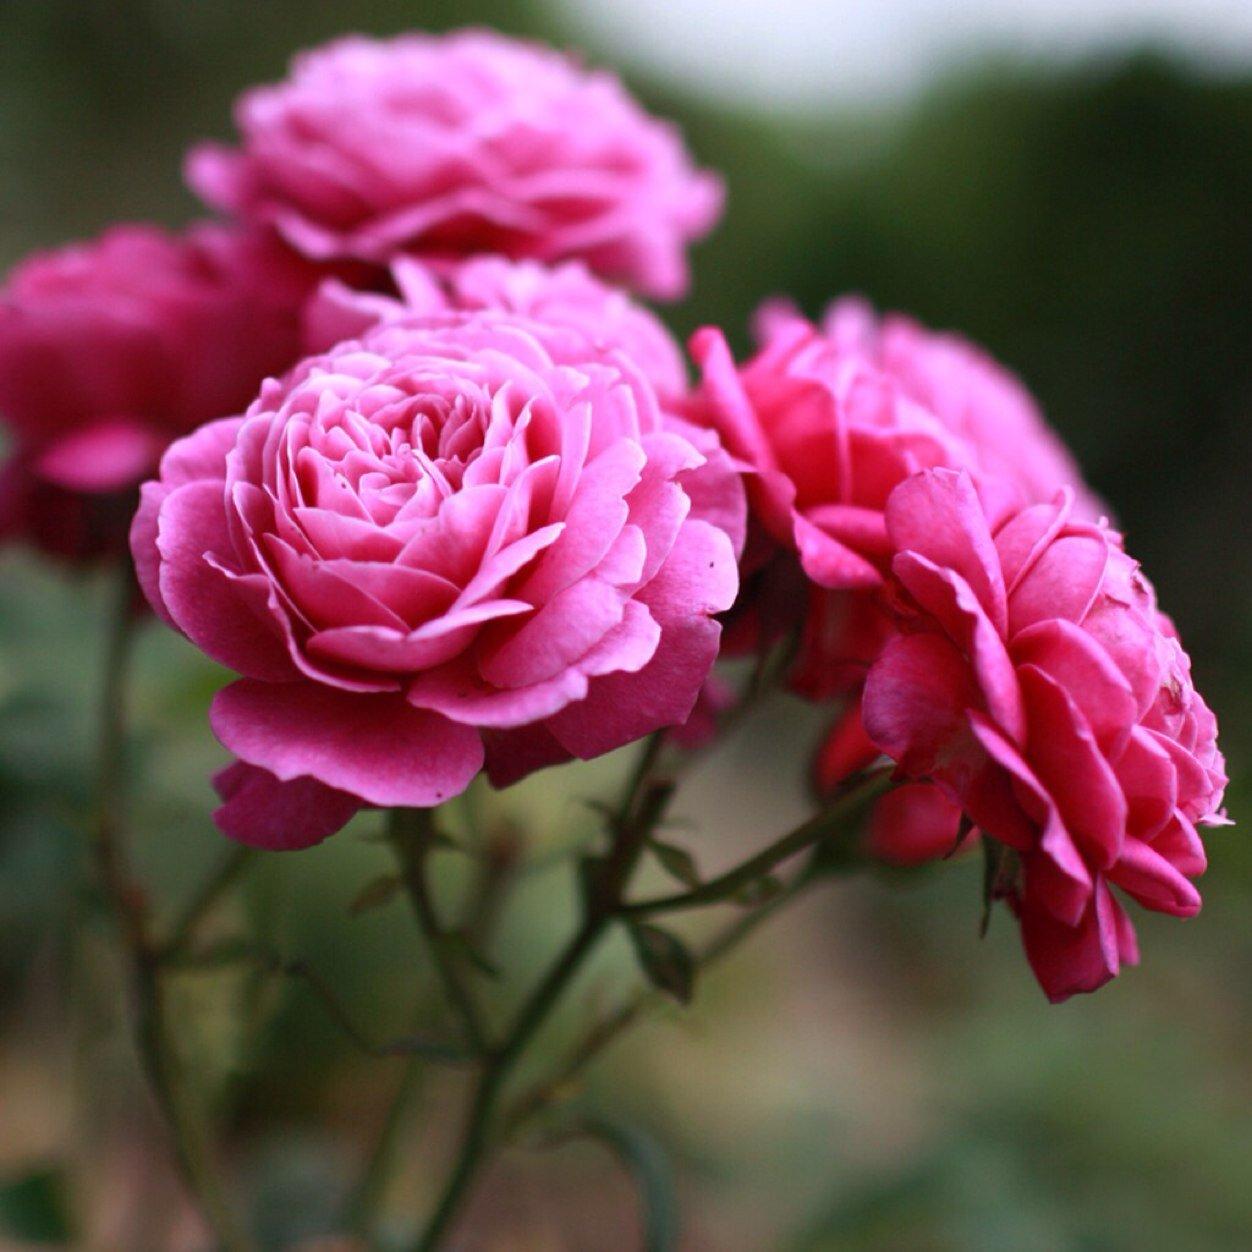 Что такое клумбовые розы, виды клумбовых роз